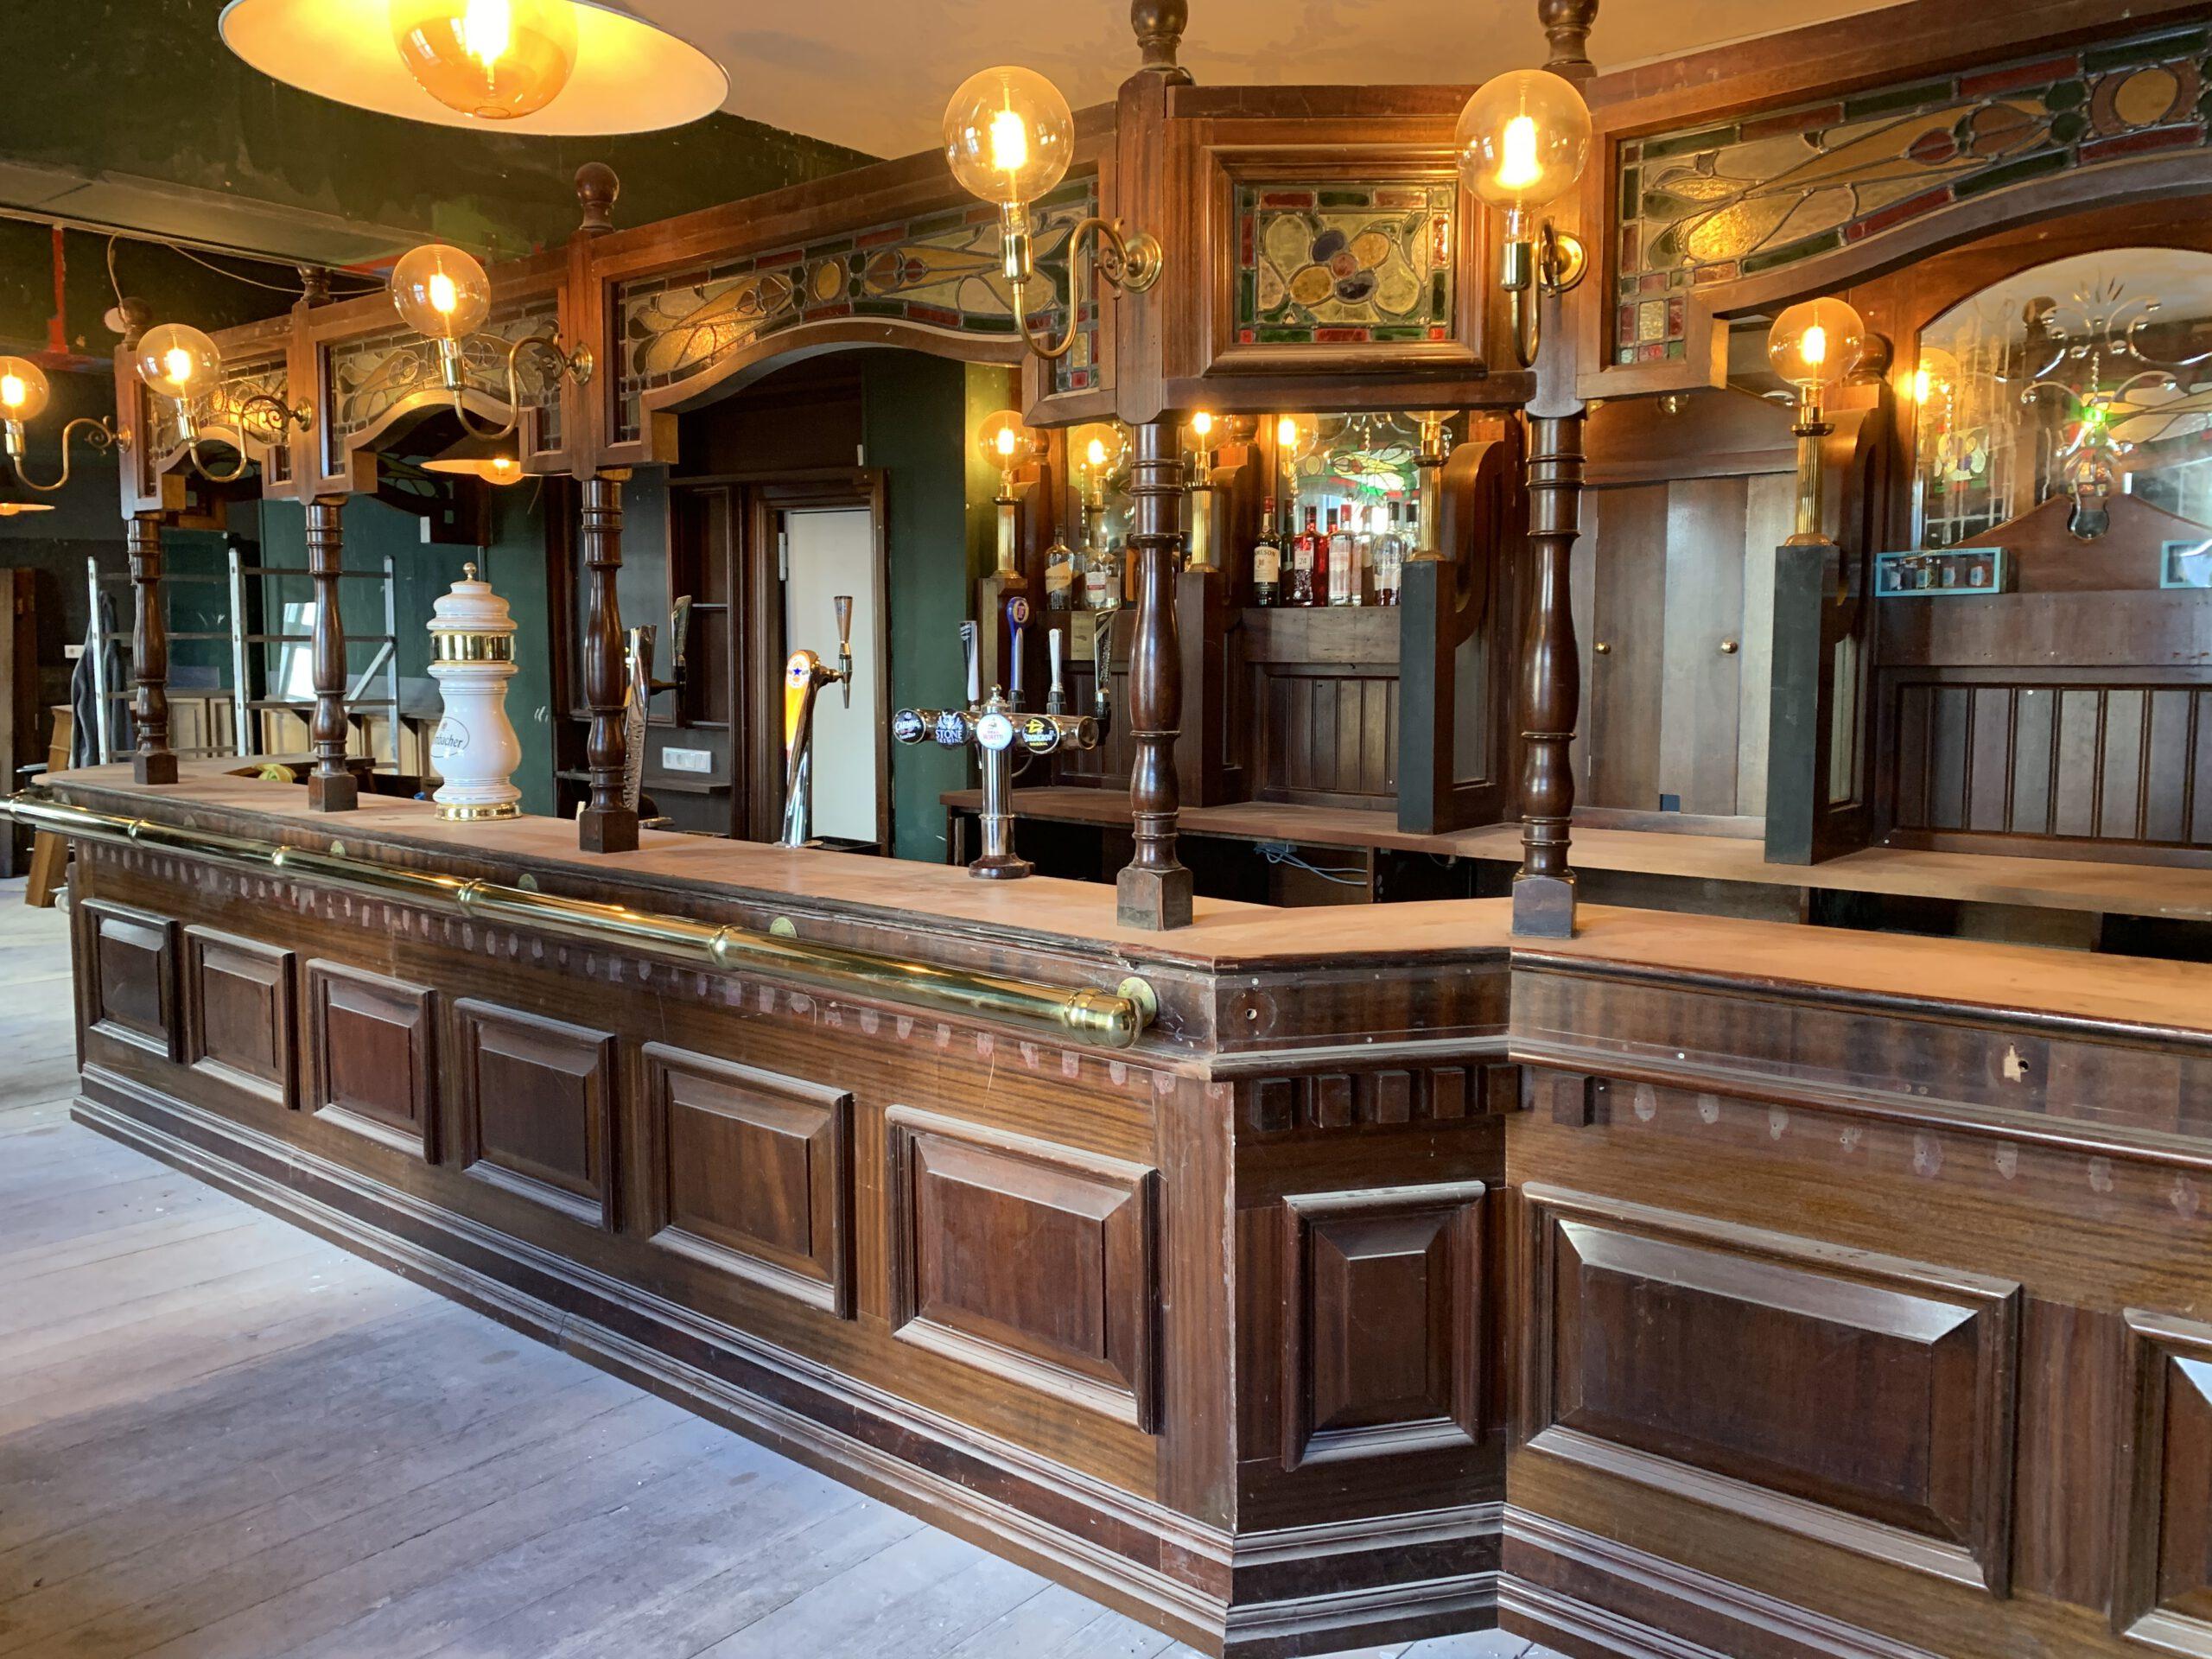 Innenansicht eines Pubs